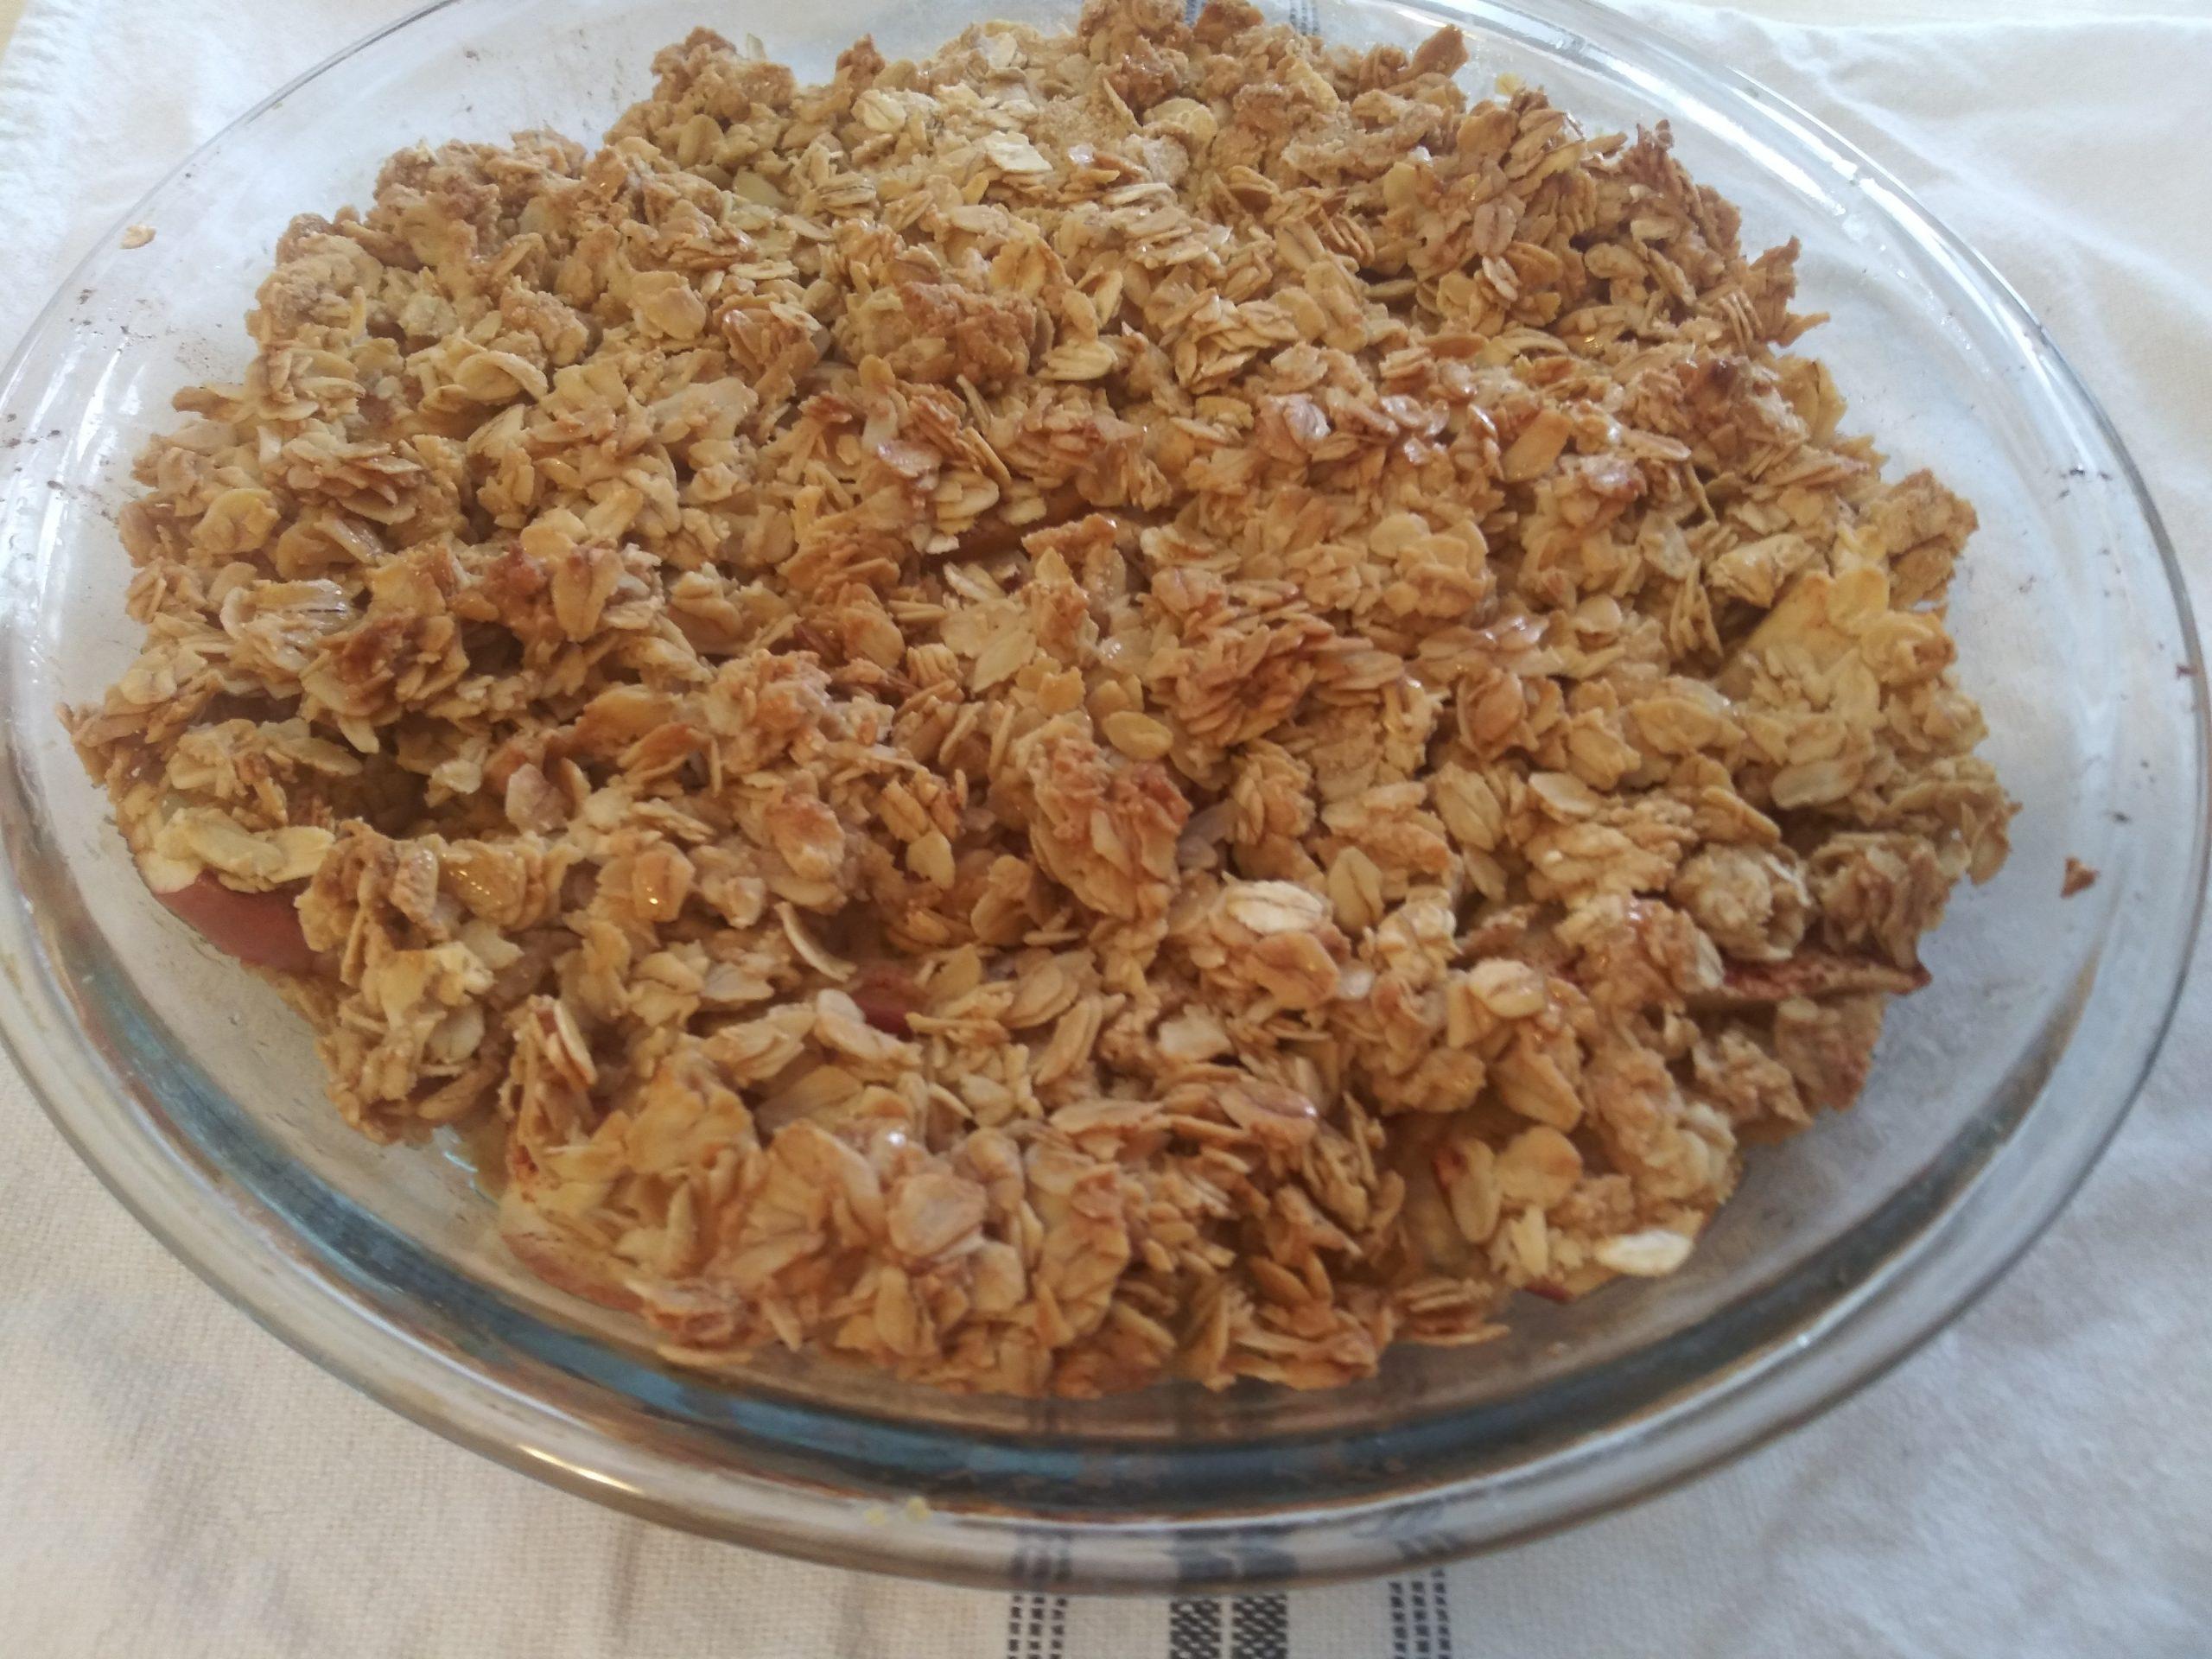 Homemade Maple Apple Crisp